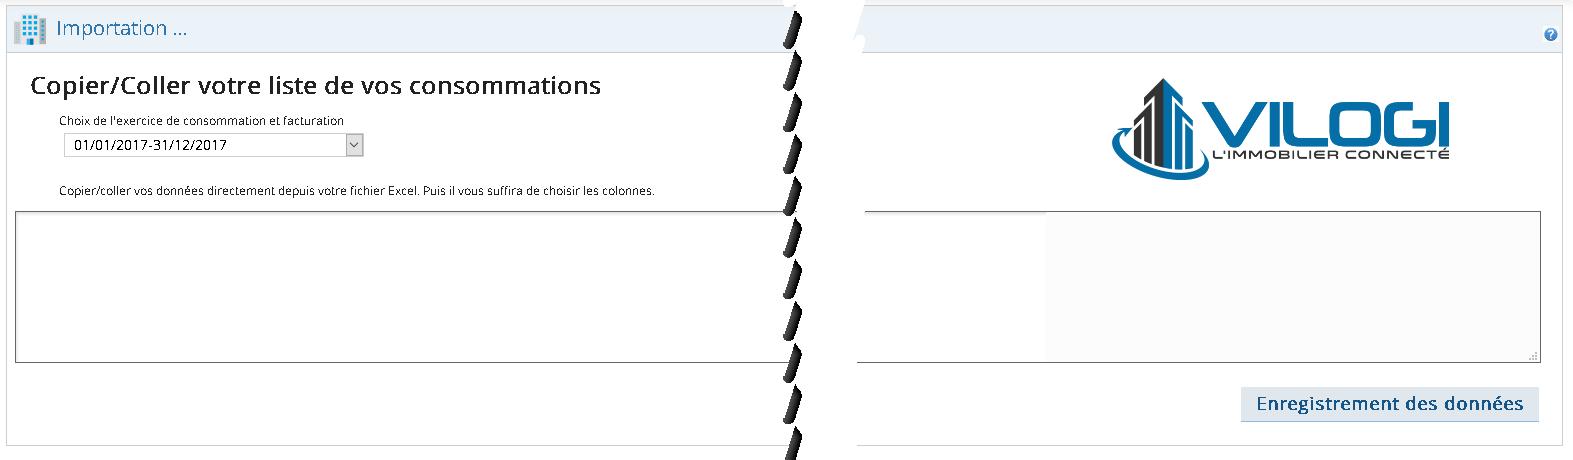 Interface pour intégrer les données des relevés de compteur sur le fichier excel